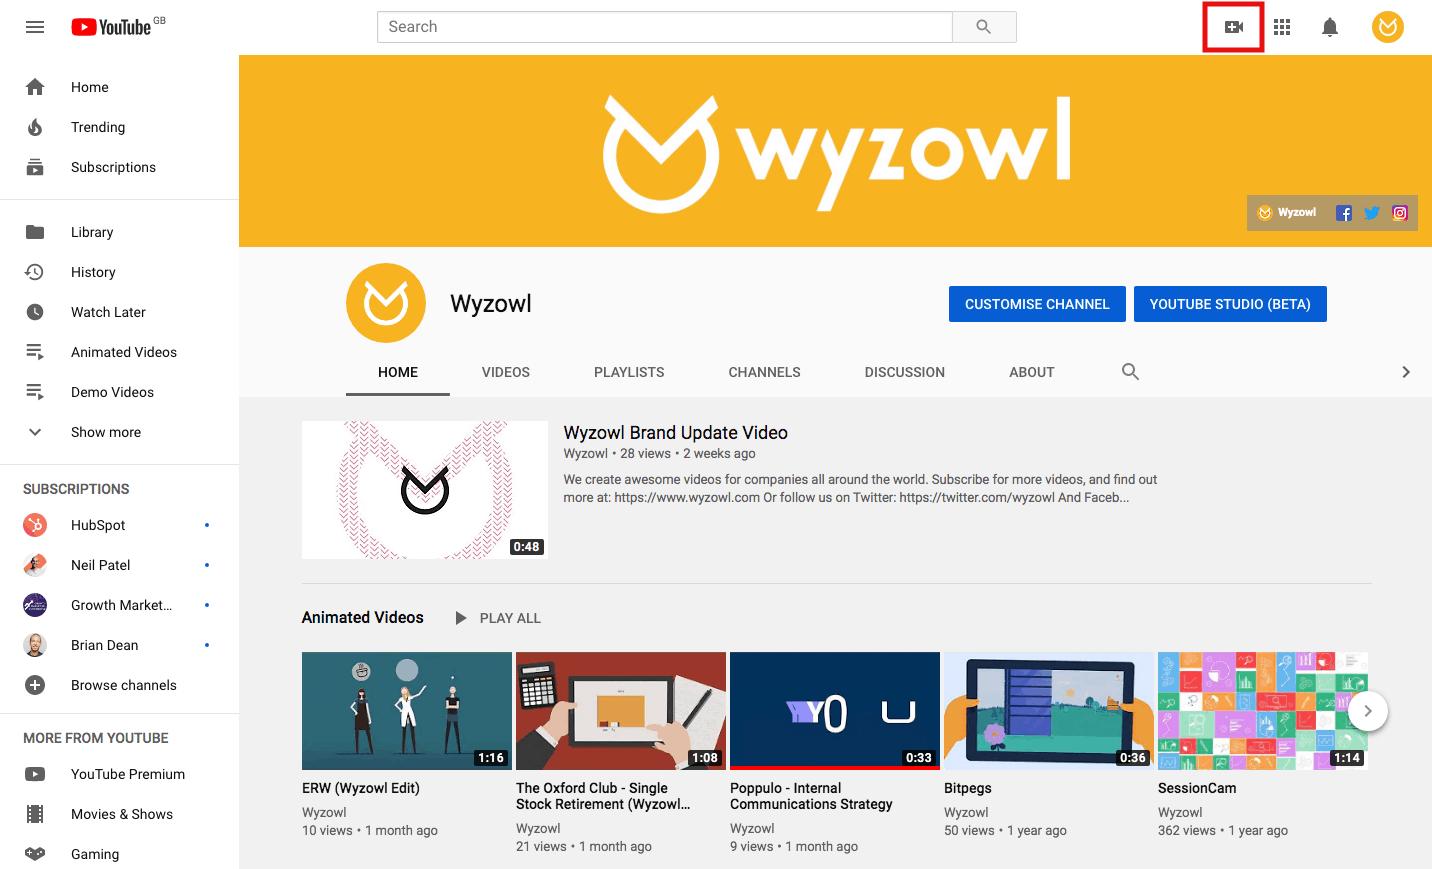 Wyzowl YouTube page